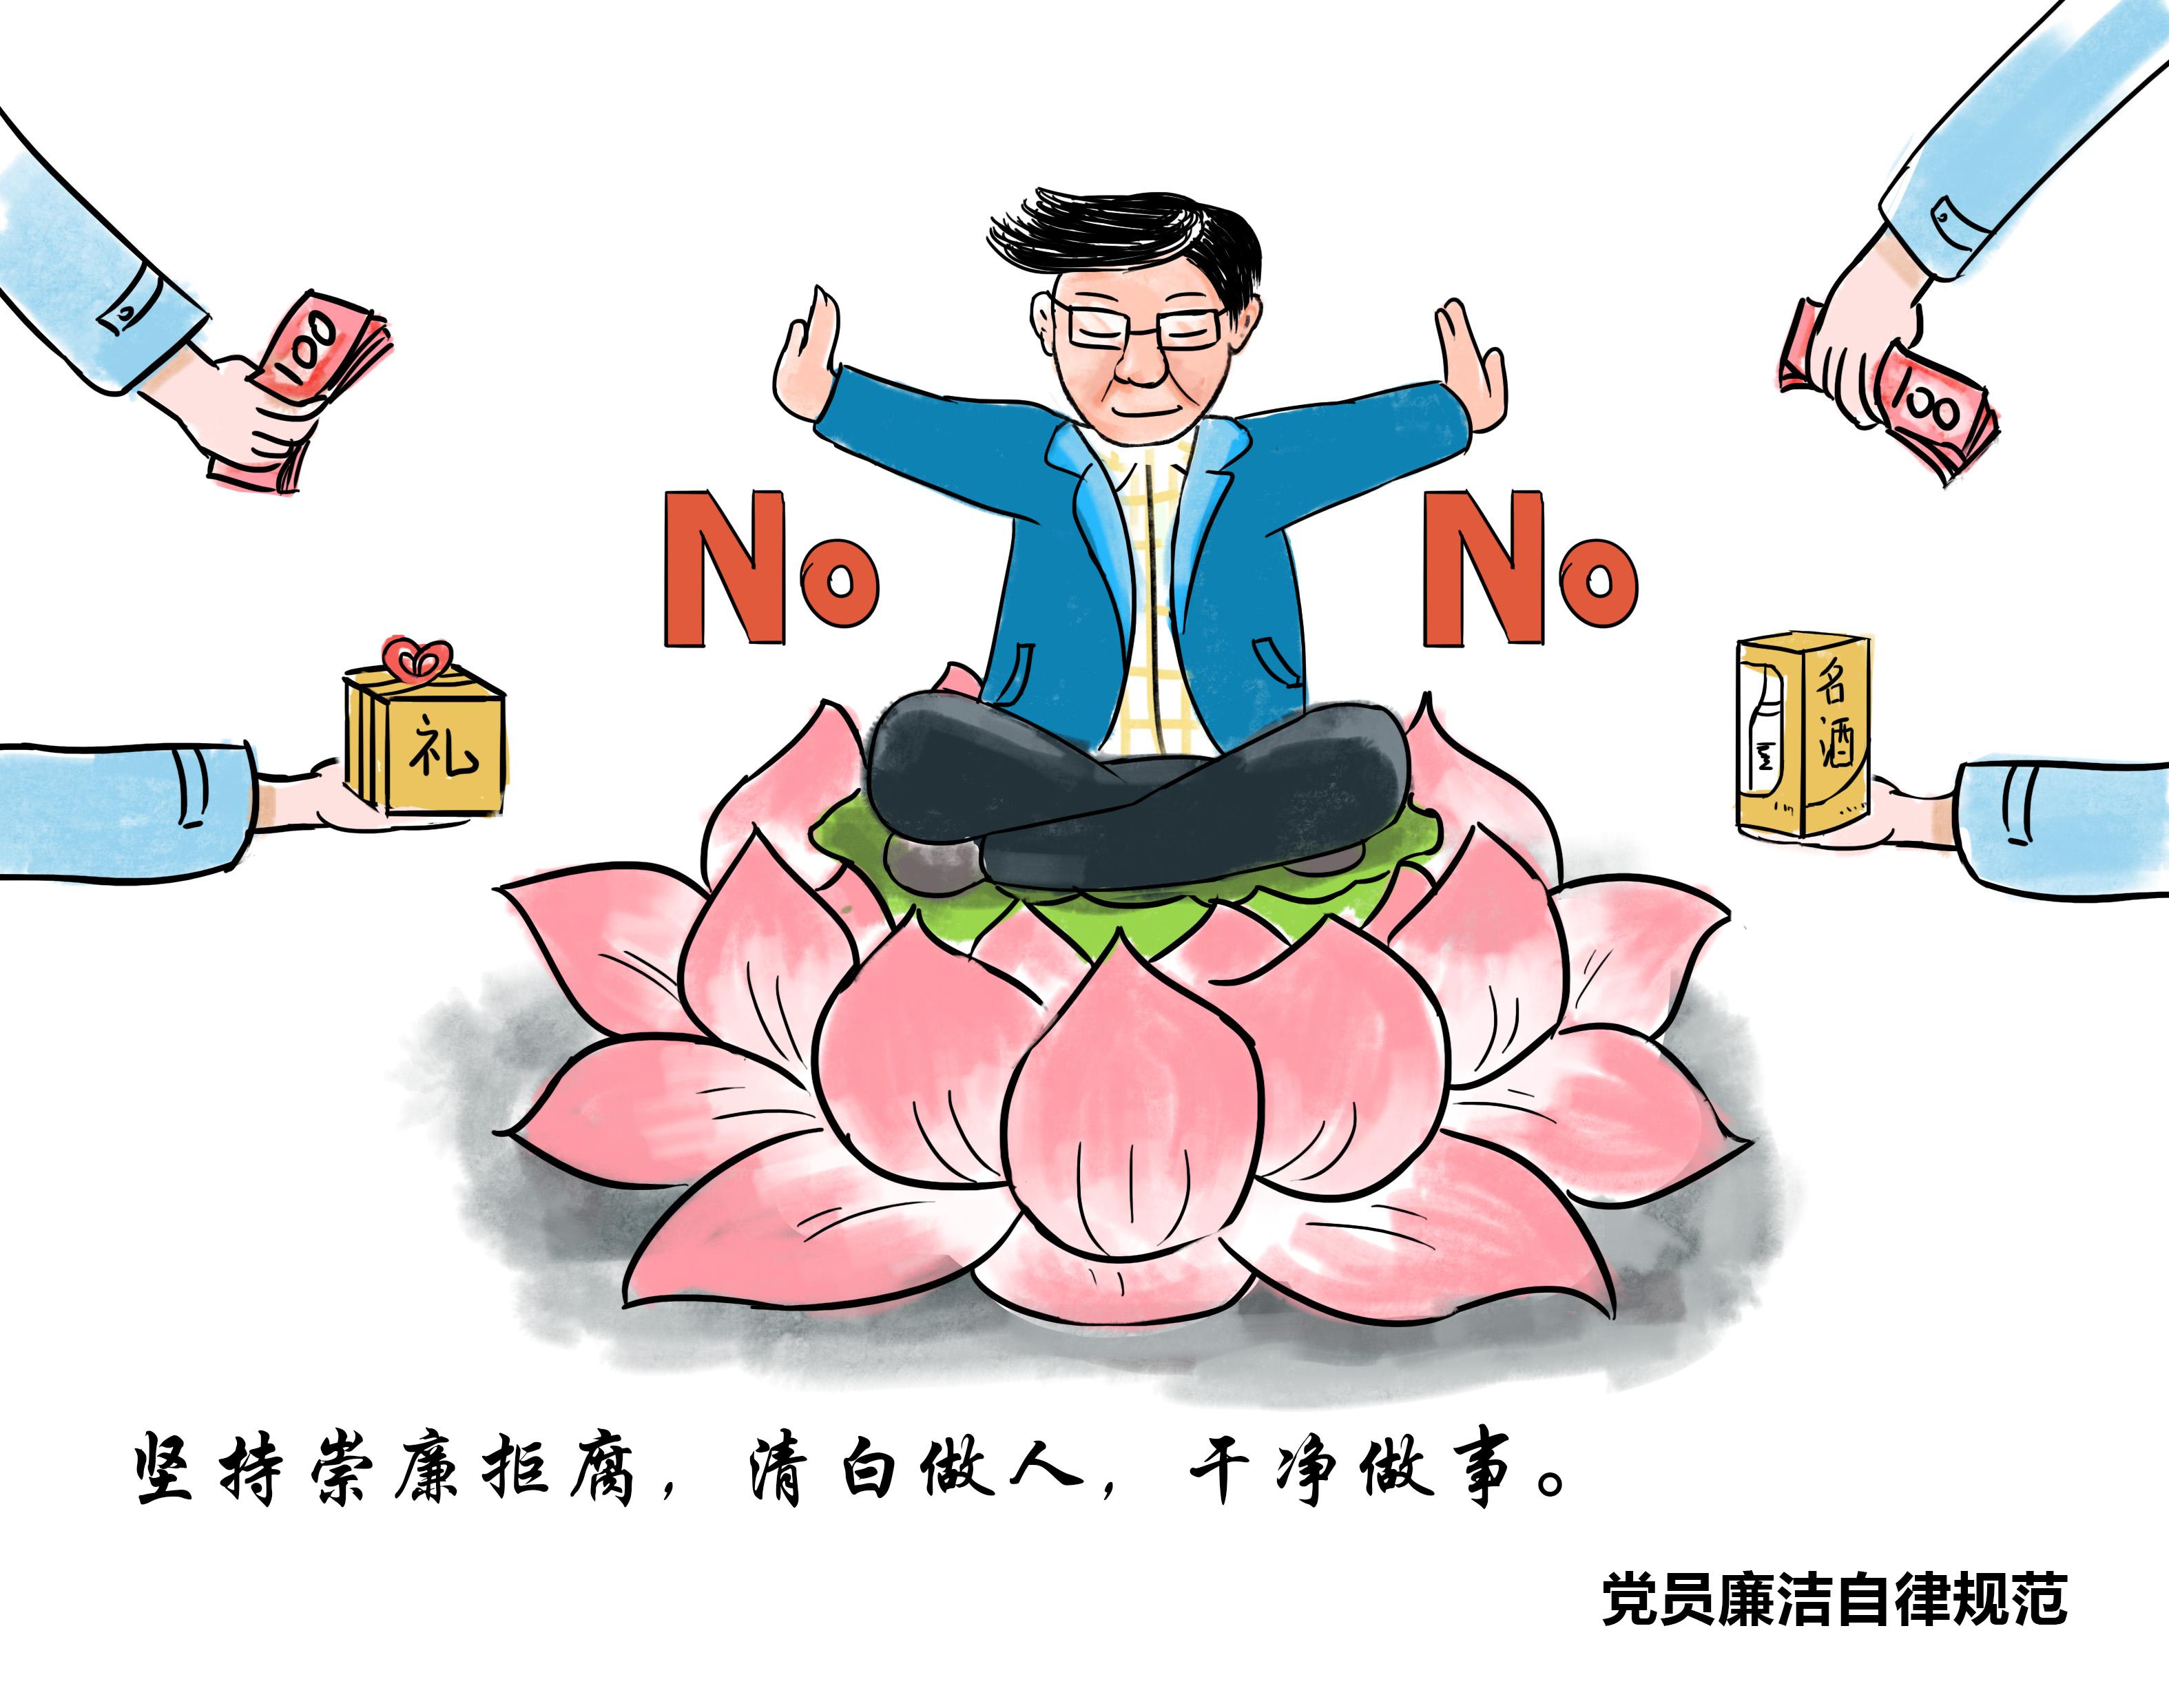 廉洁漫画_该系列漫画共9幅,内容紧扣《中国共产党廉洁自律准则》要求,画面生